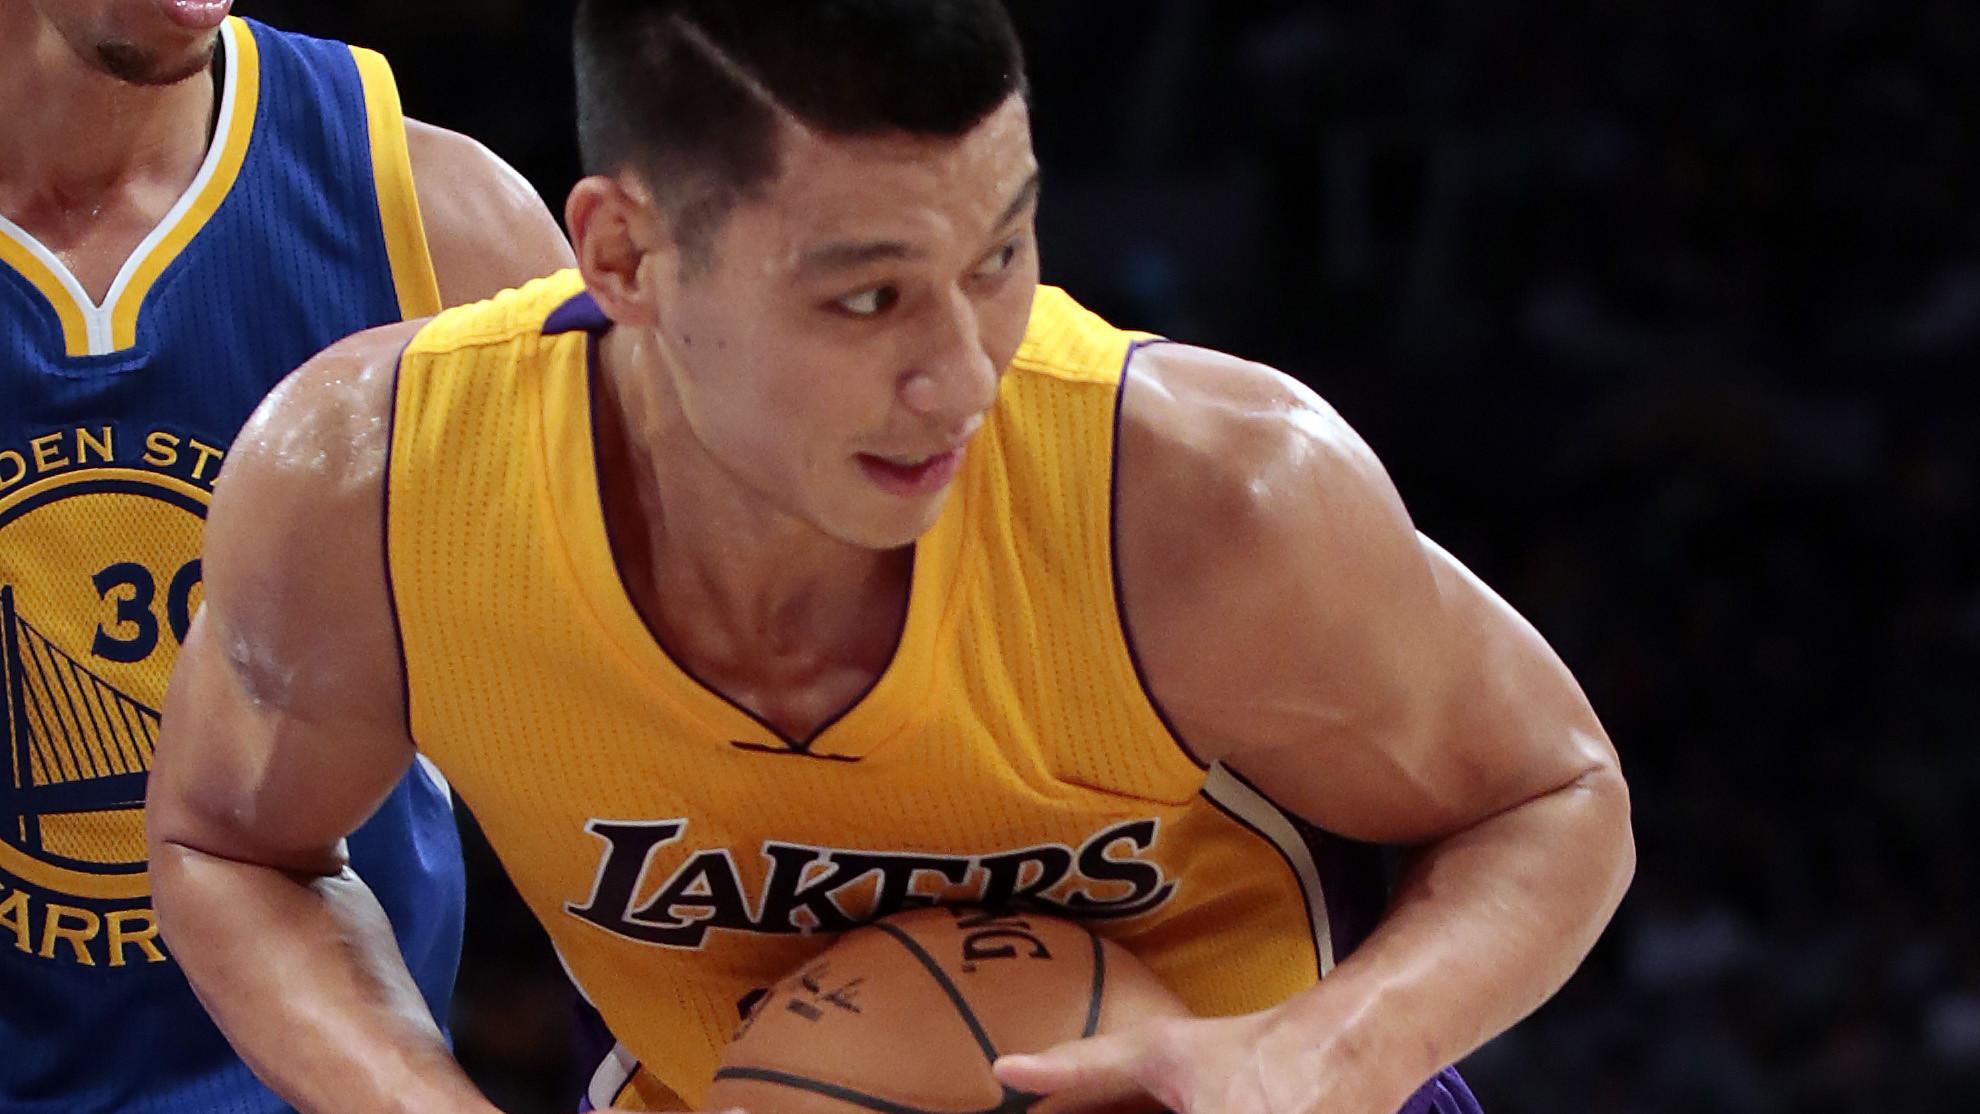 林書豪近幾年肌肉變化,苦練多年終成「麒麟臂」 臥推輕松200磅-Haters-黑特籃球NBA新聞影片圖片分享社區